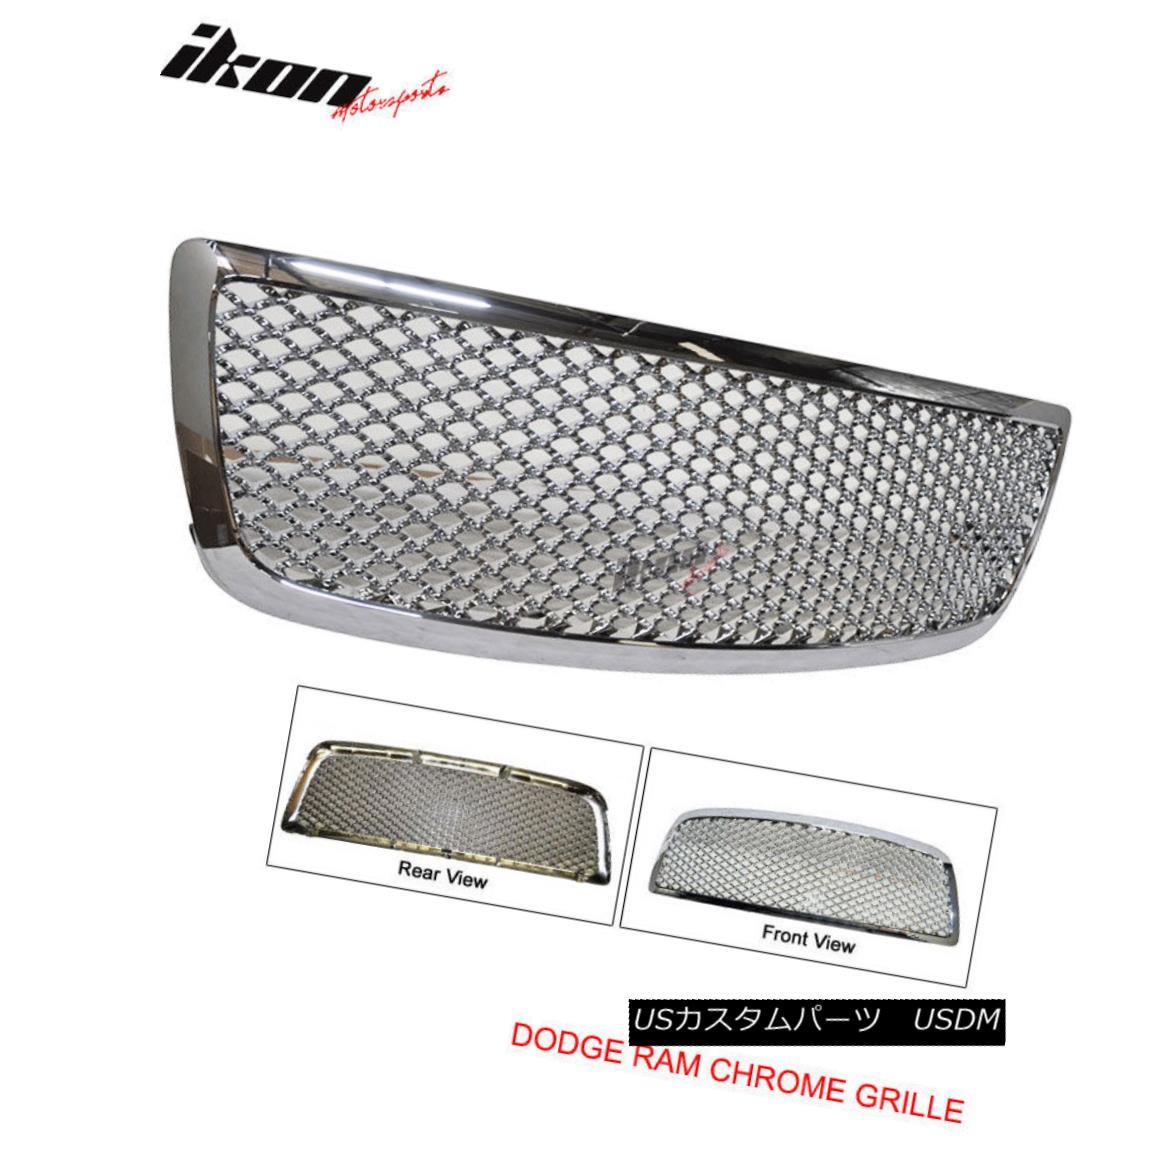 グリル Fits 09-11 Dodge Ram Chrome ABS Chrome Plated Mesh Front Hood Grille Z フィット09-11ダッジラムクロムABS ABSクロムめっきメッシュフロントフードグリルZ